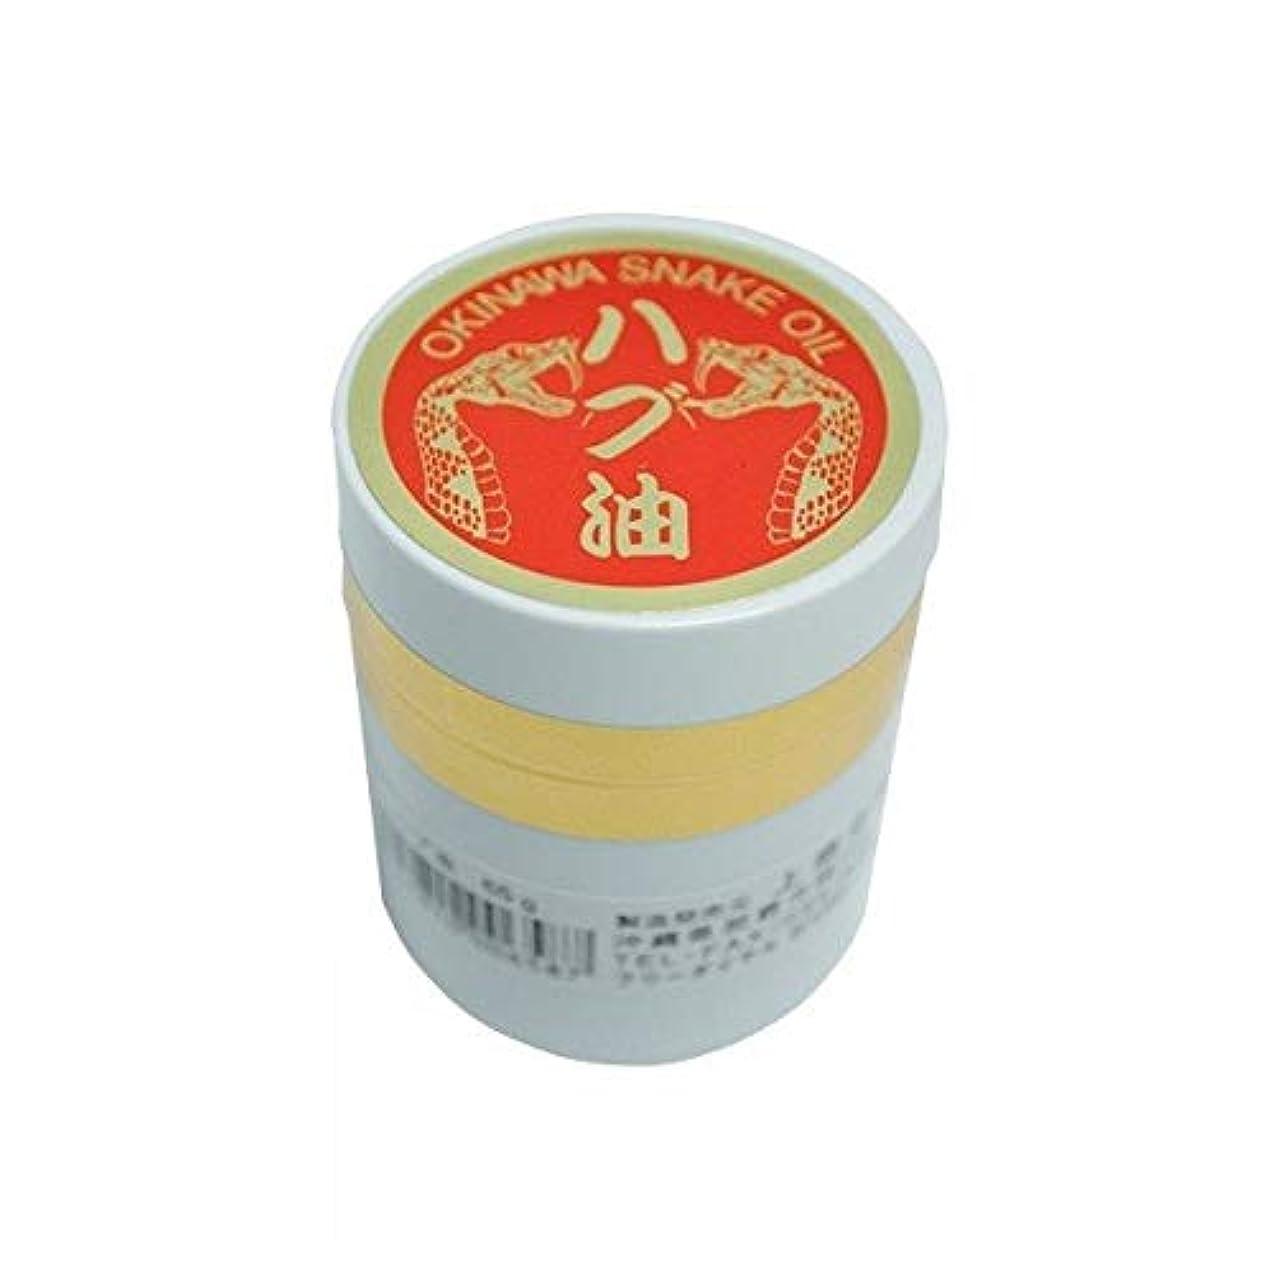 ギャザーブレイズ騒々しい沖縄産 ハブ油 65g 軟膏タイプ